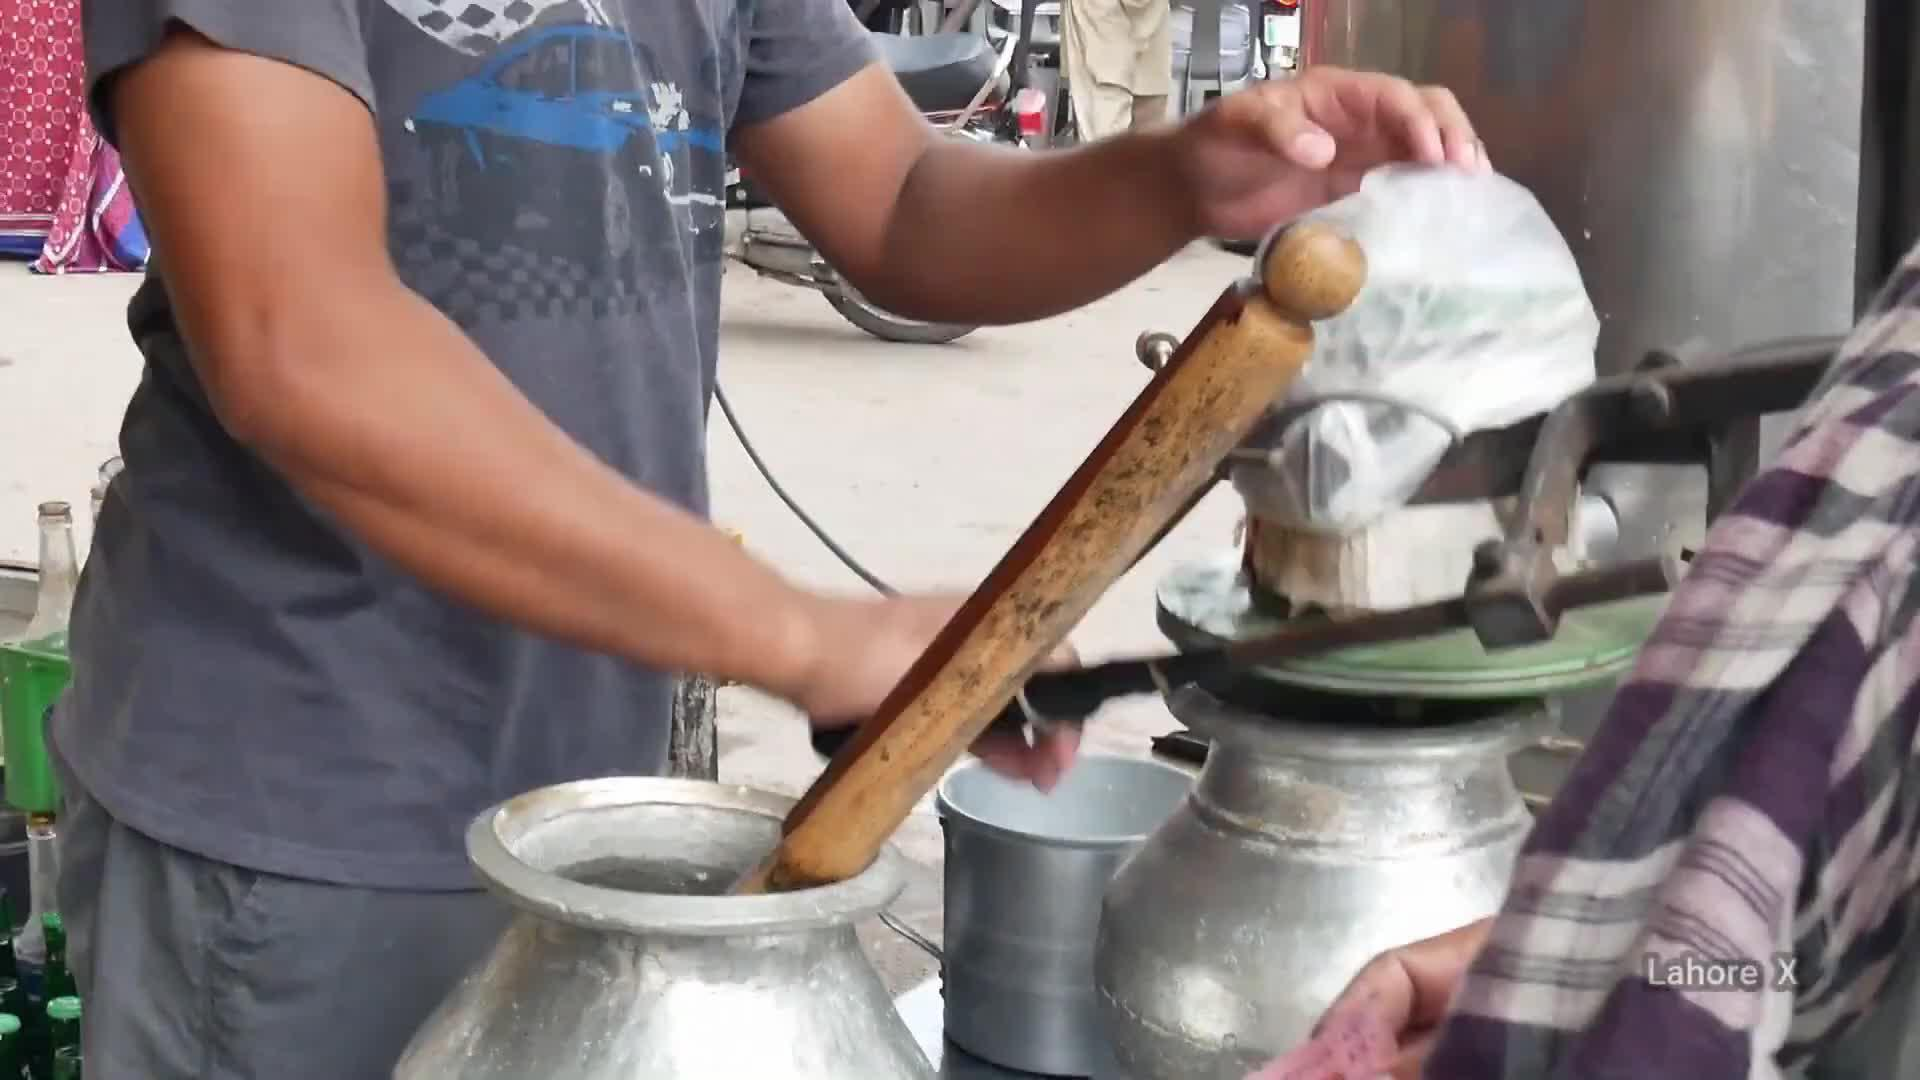 印度街头奇葩酸奶,发酵奶酪放入桶里用木棒搅一搅,太重口味了!